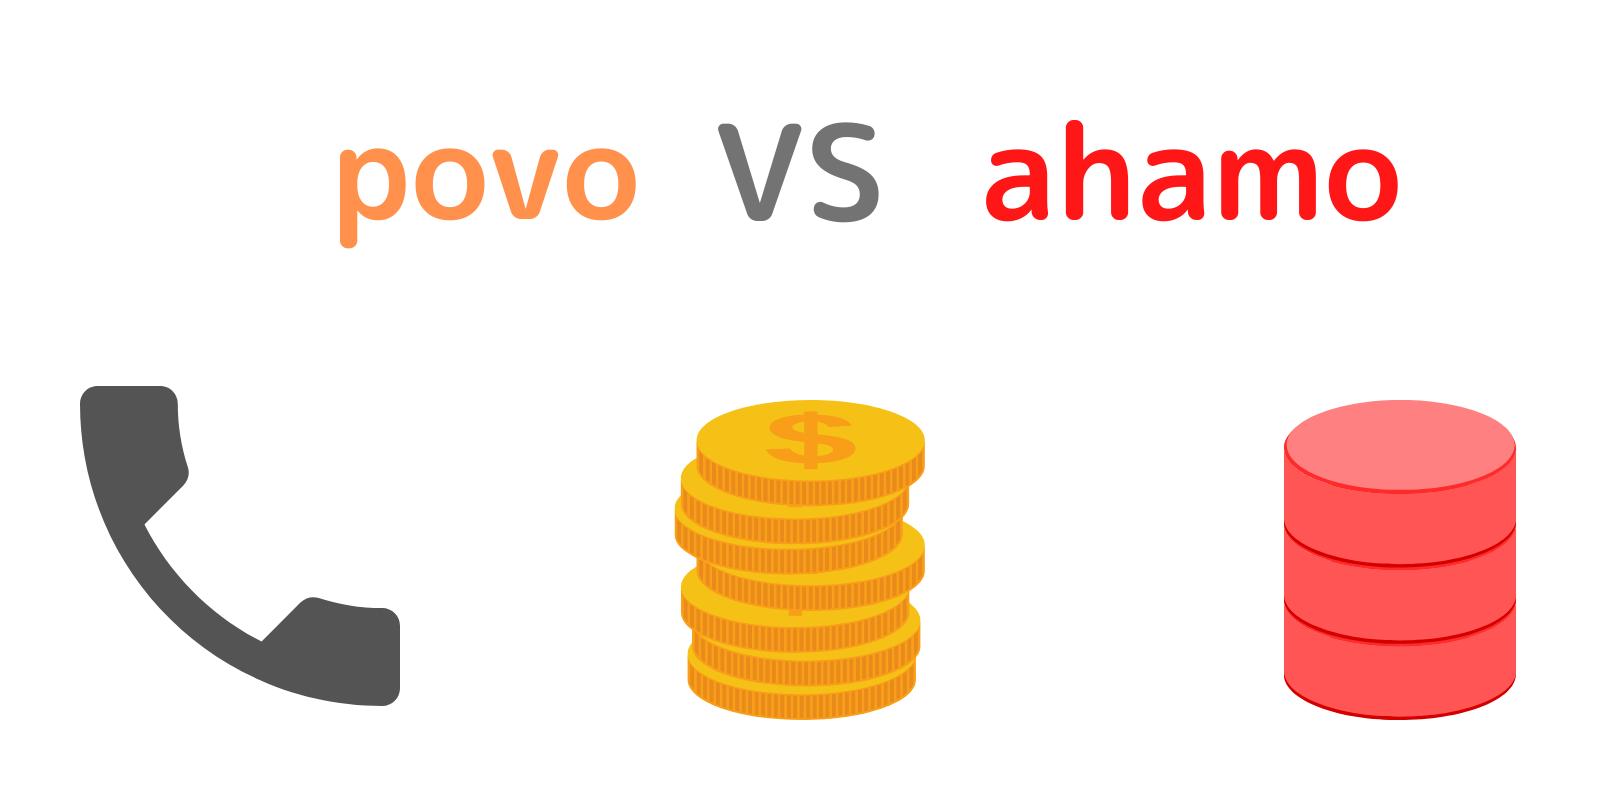 ahamoとpovoの料金プランを比較